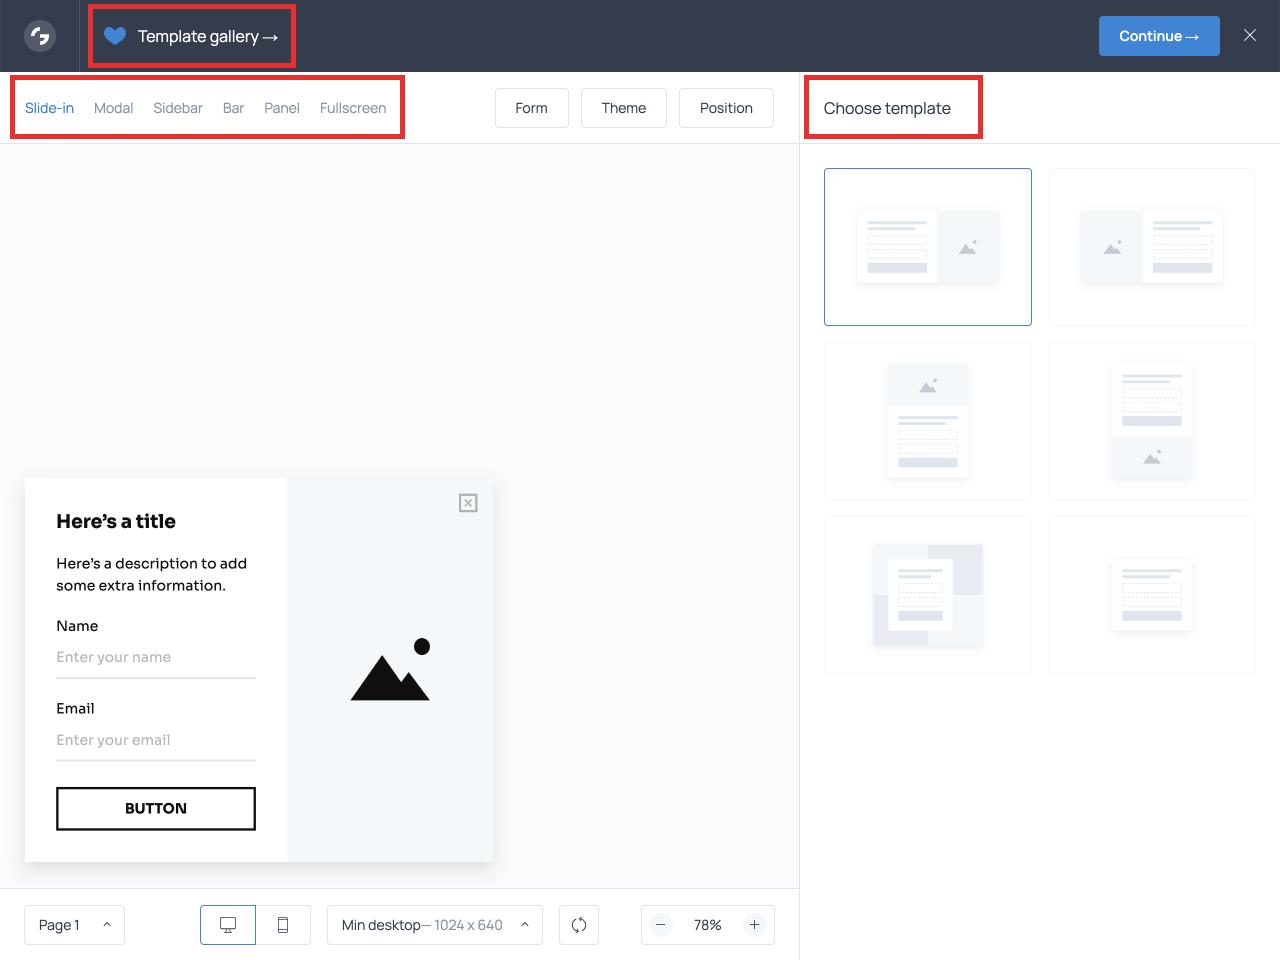 Online survey form builder